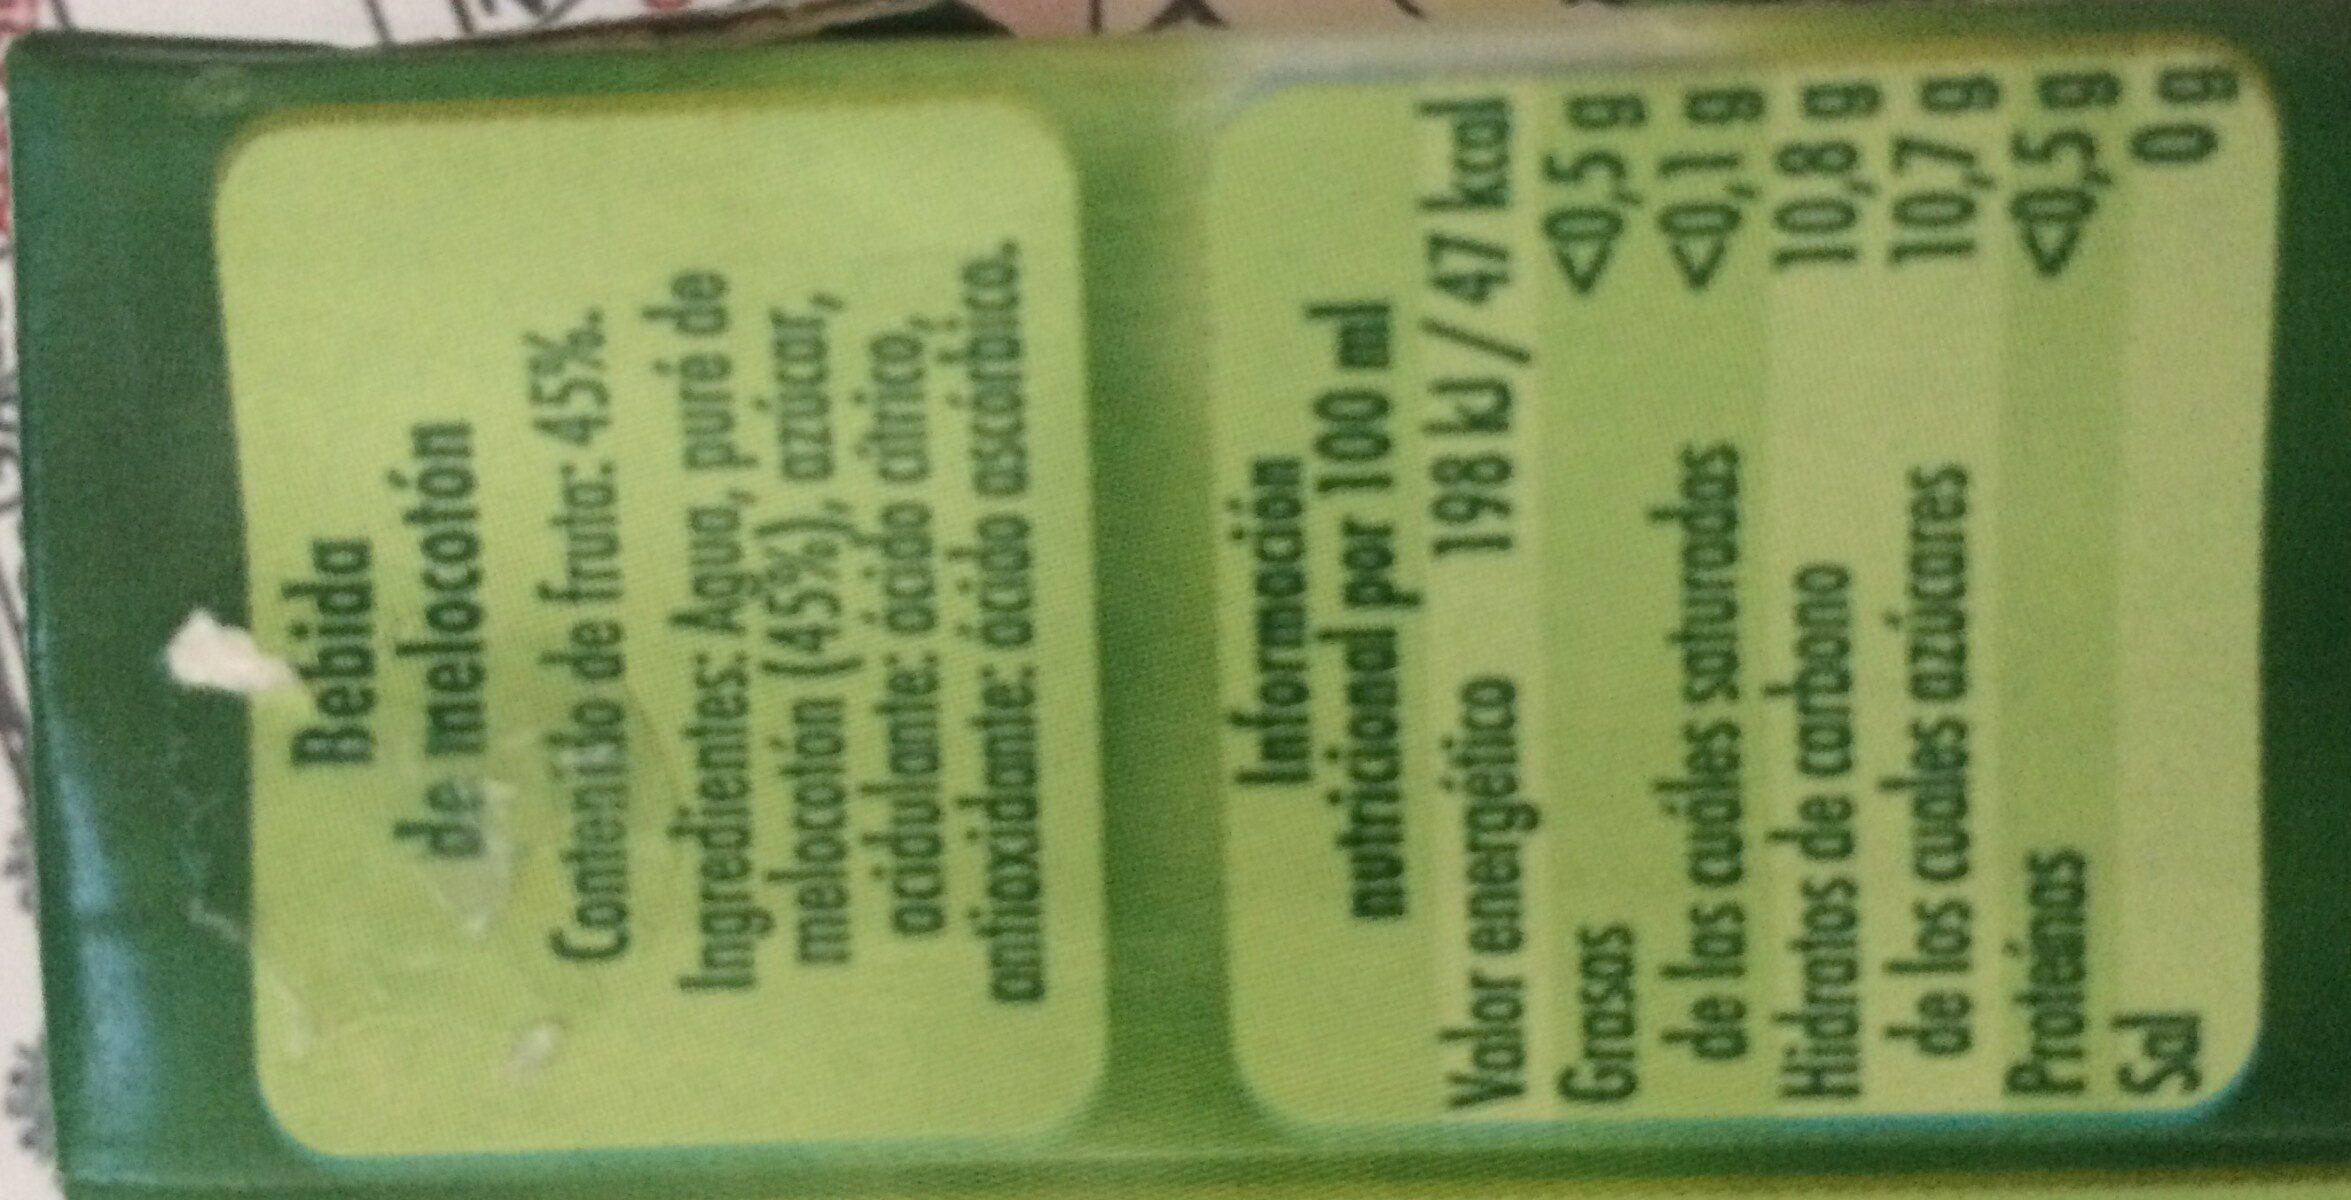 Néctar de melocotón - Ingredientes - es